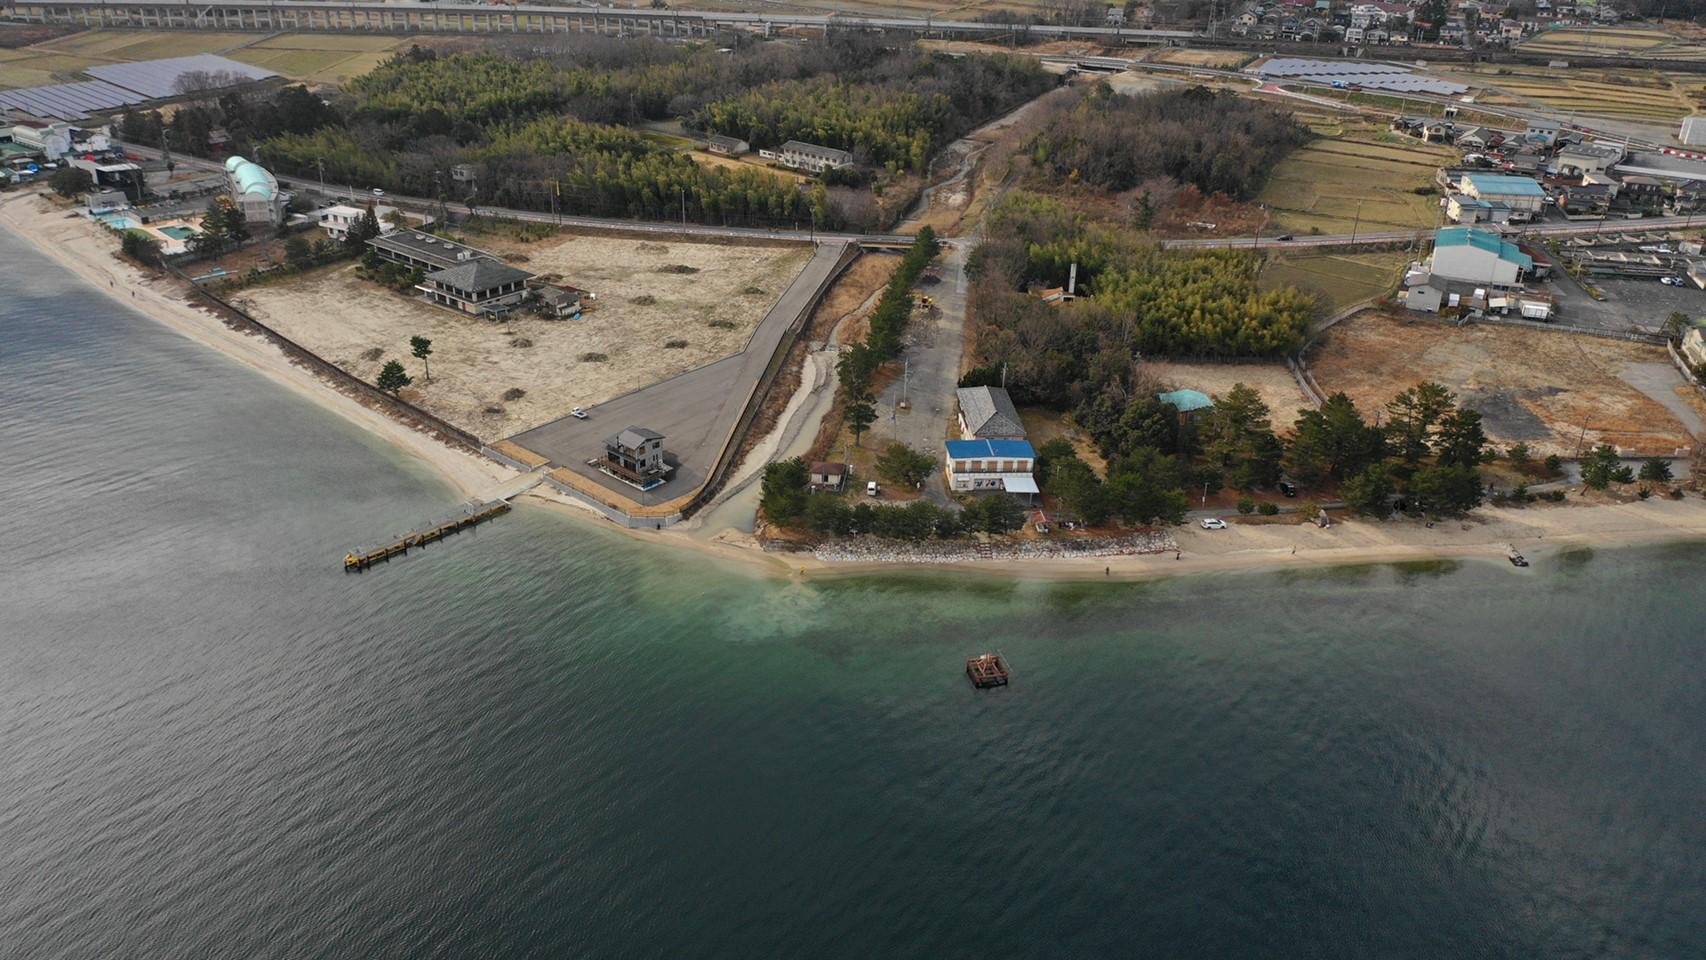 【琵琶湖西エリア】『大津市 北小松駅』周辺の釣り場ガイド